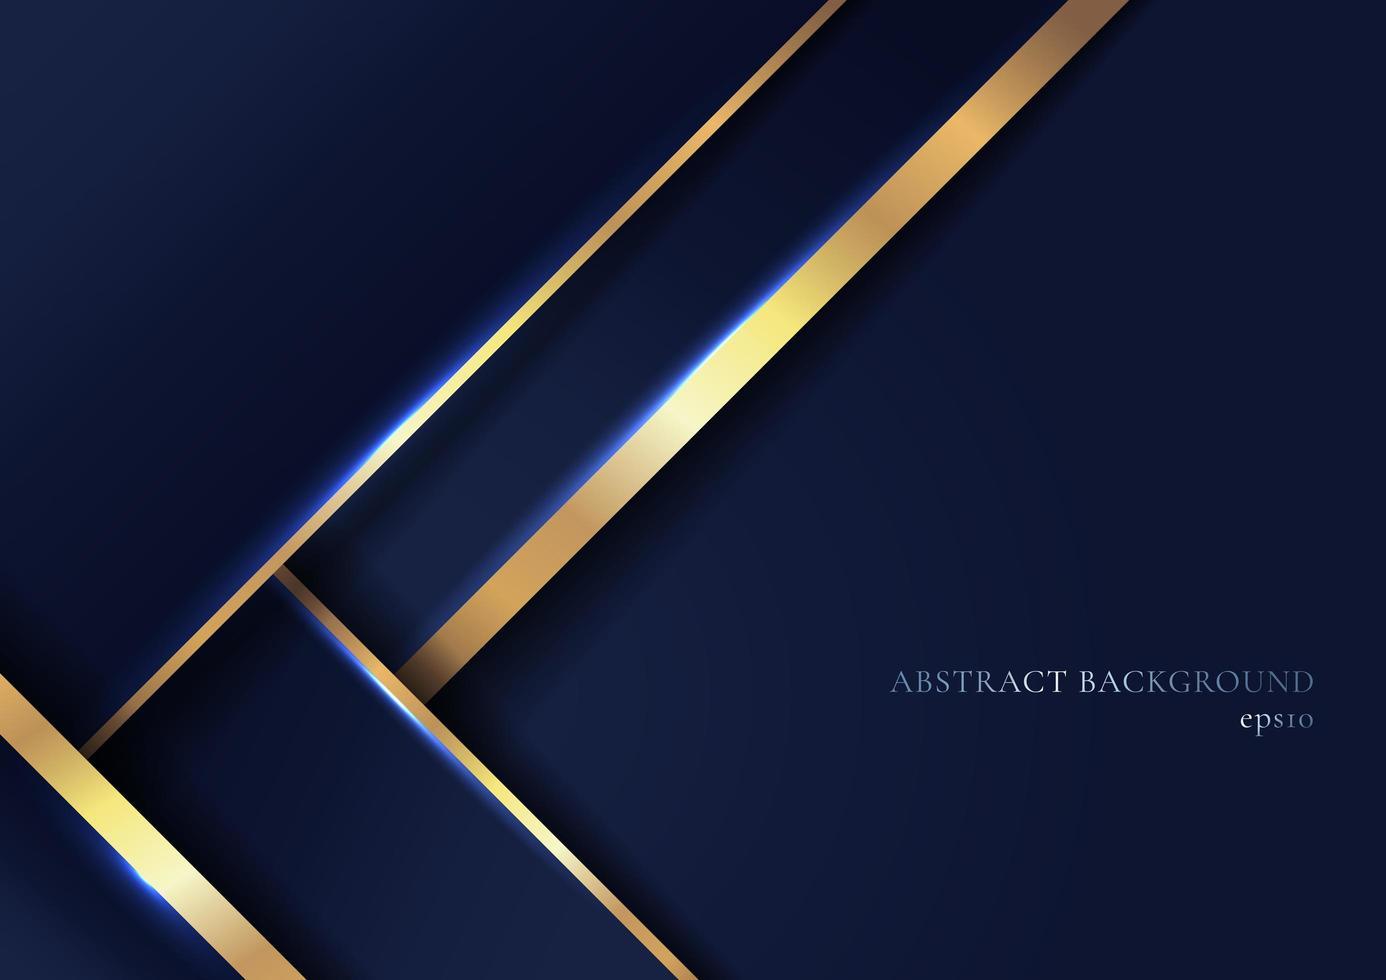 abstrakta eleganta blå geometriska överlappningsskikt med randiga gyllene linjer och belysning på mörkblå bakgrund. vektor